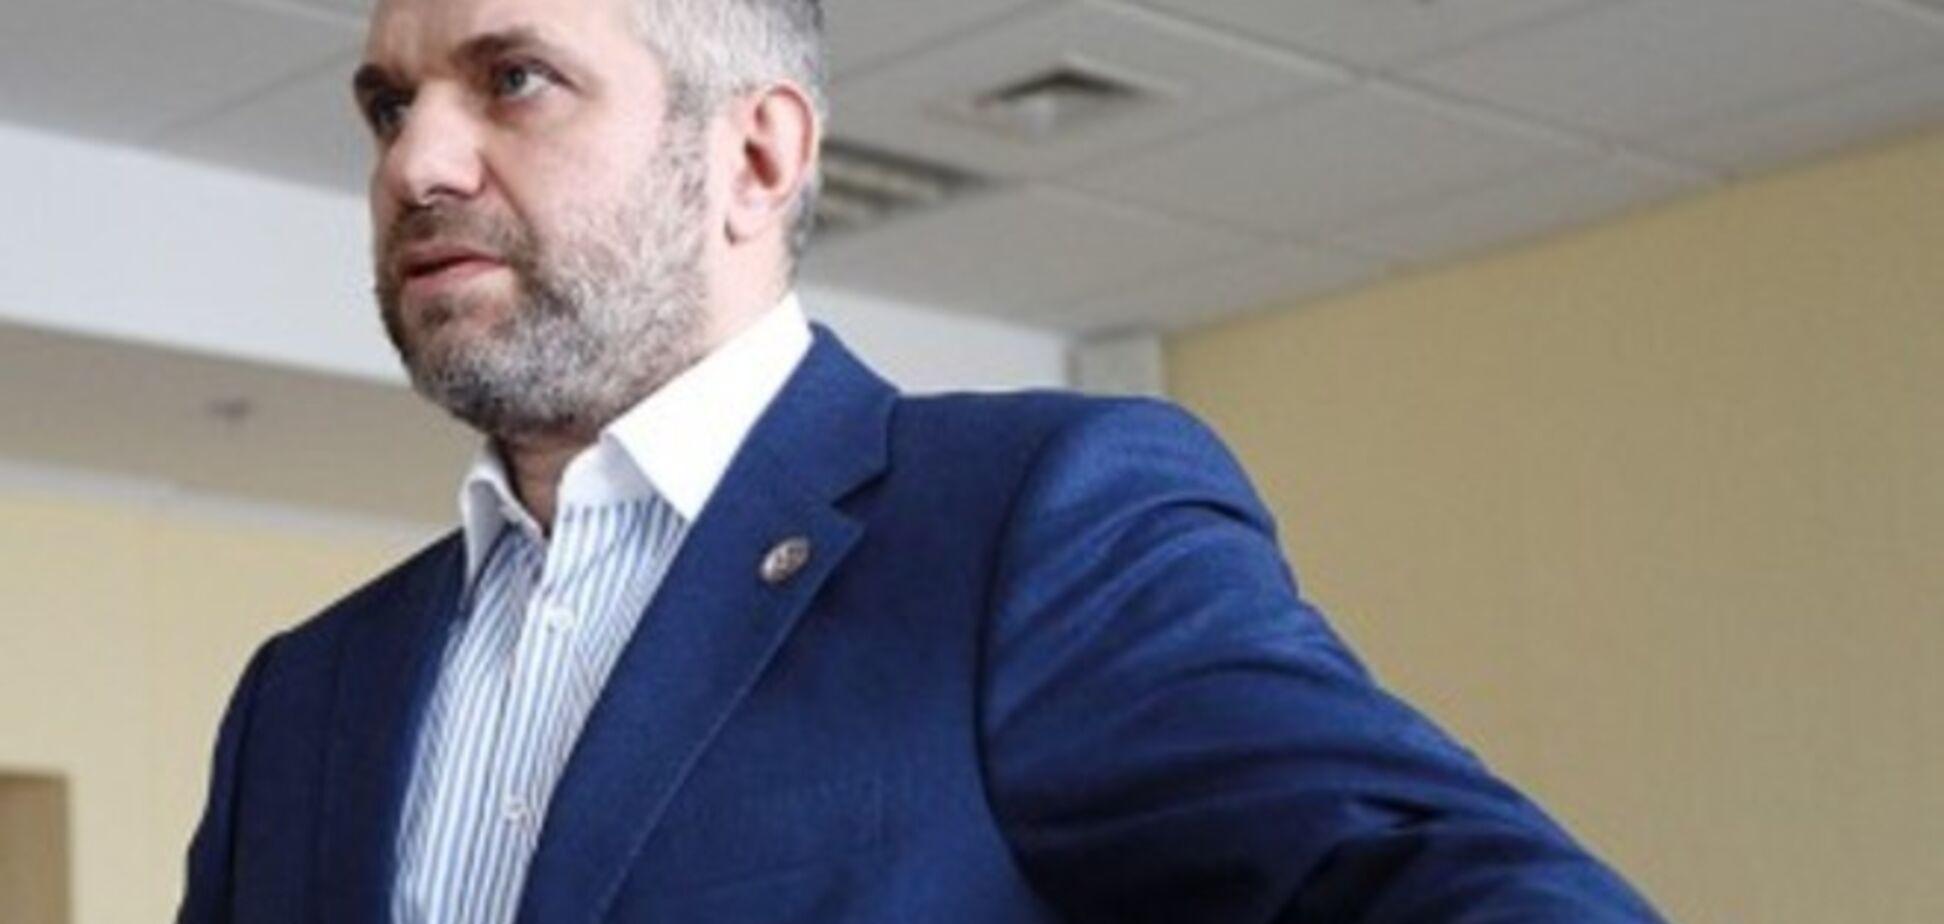 Похищение денег из банка спецназом СБУ: украинской власти припомнили еврейскую притчу о мицве и краже